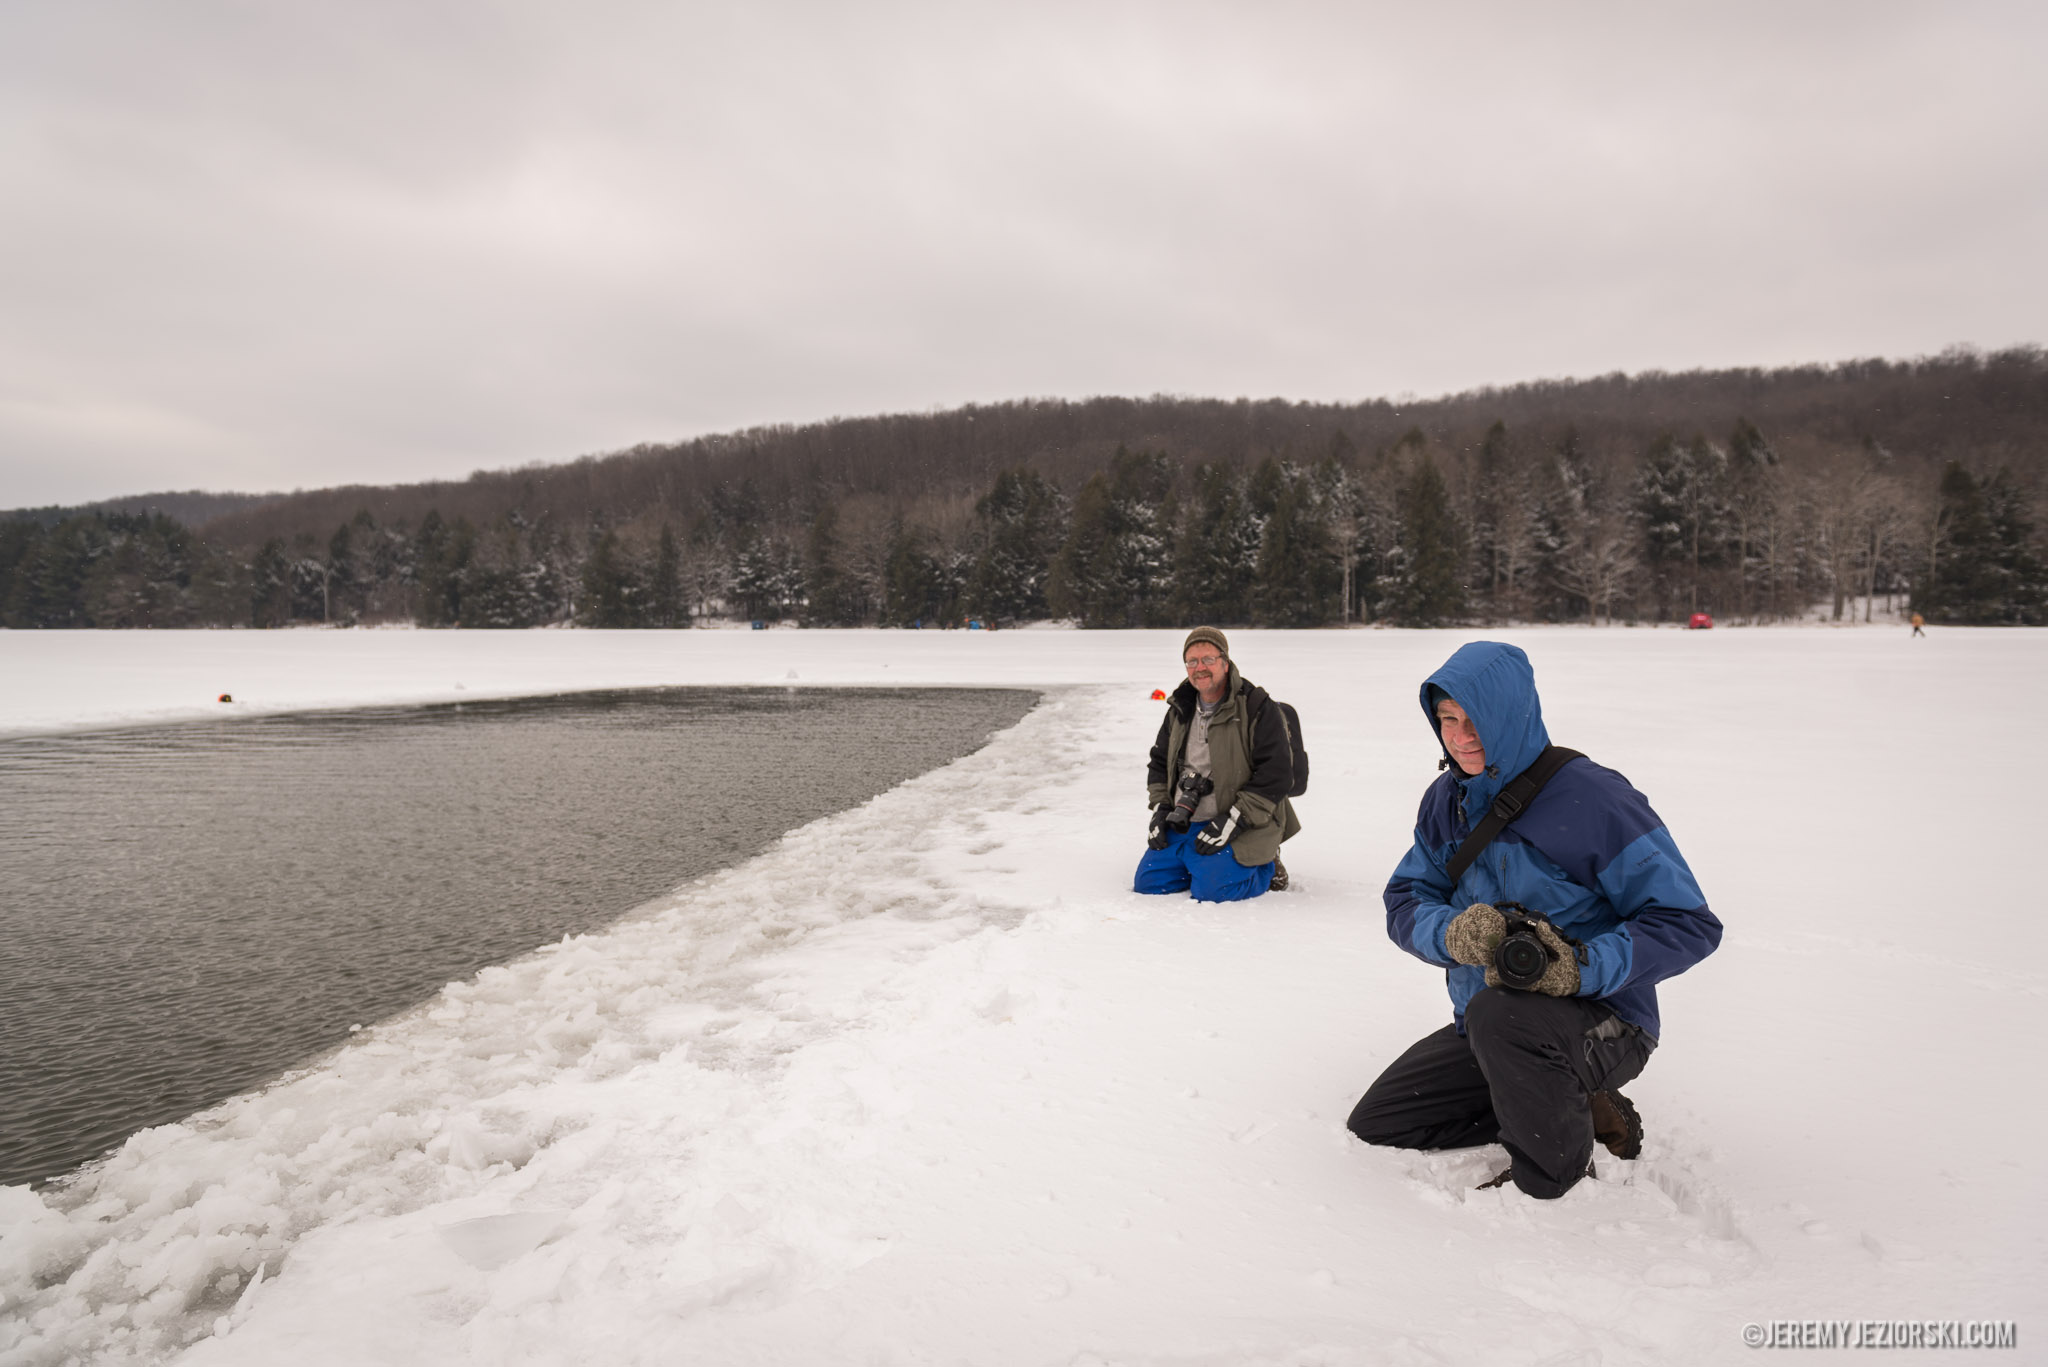 warren-county-winterfest-2014-photographer-jeremy-jeziorski-6640.jpg